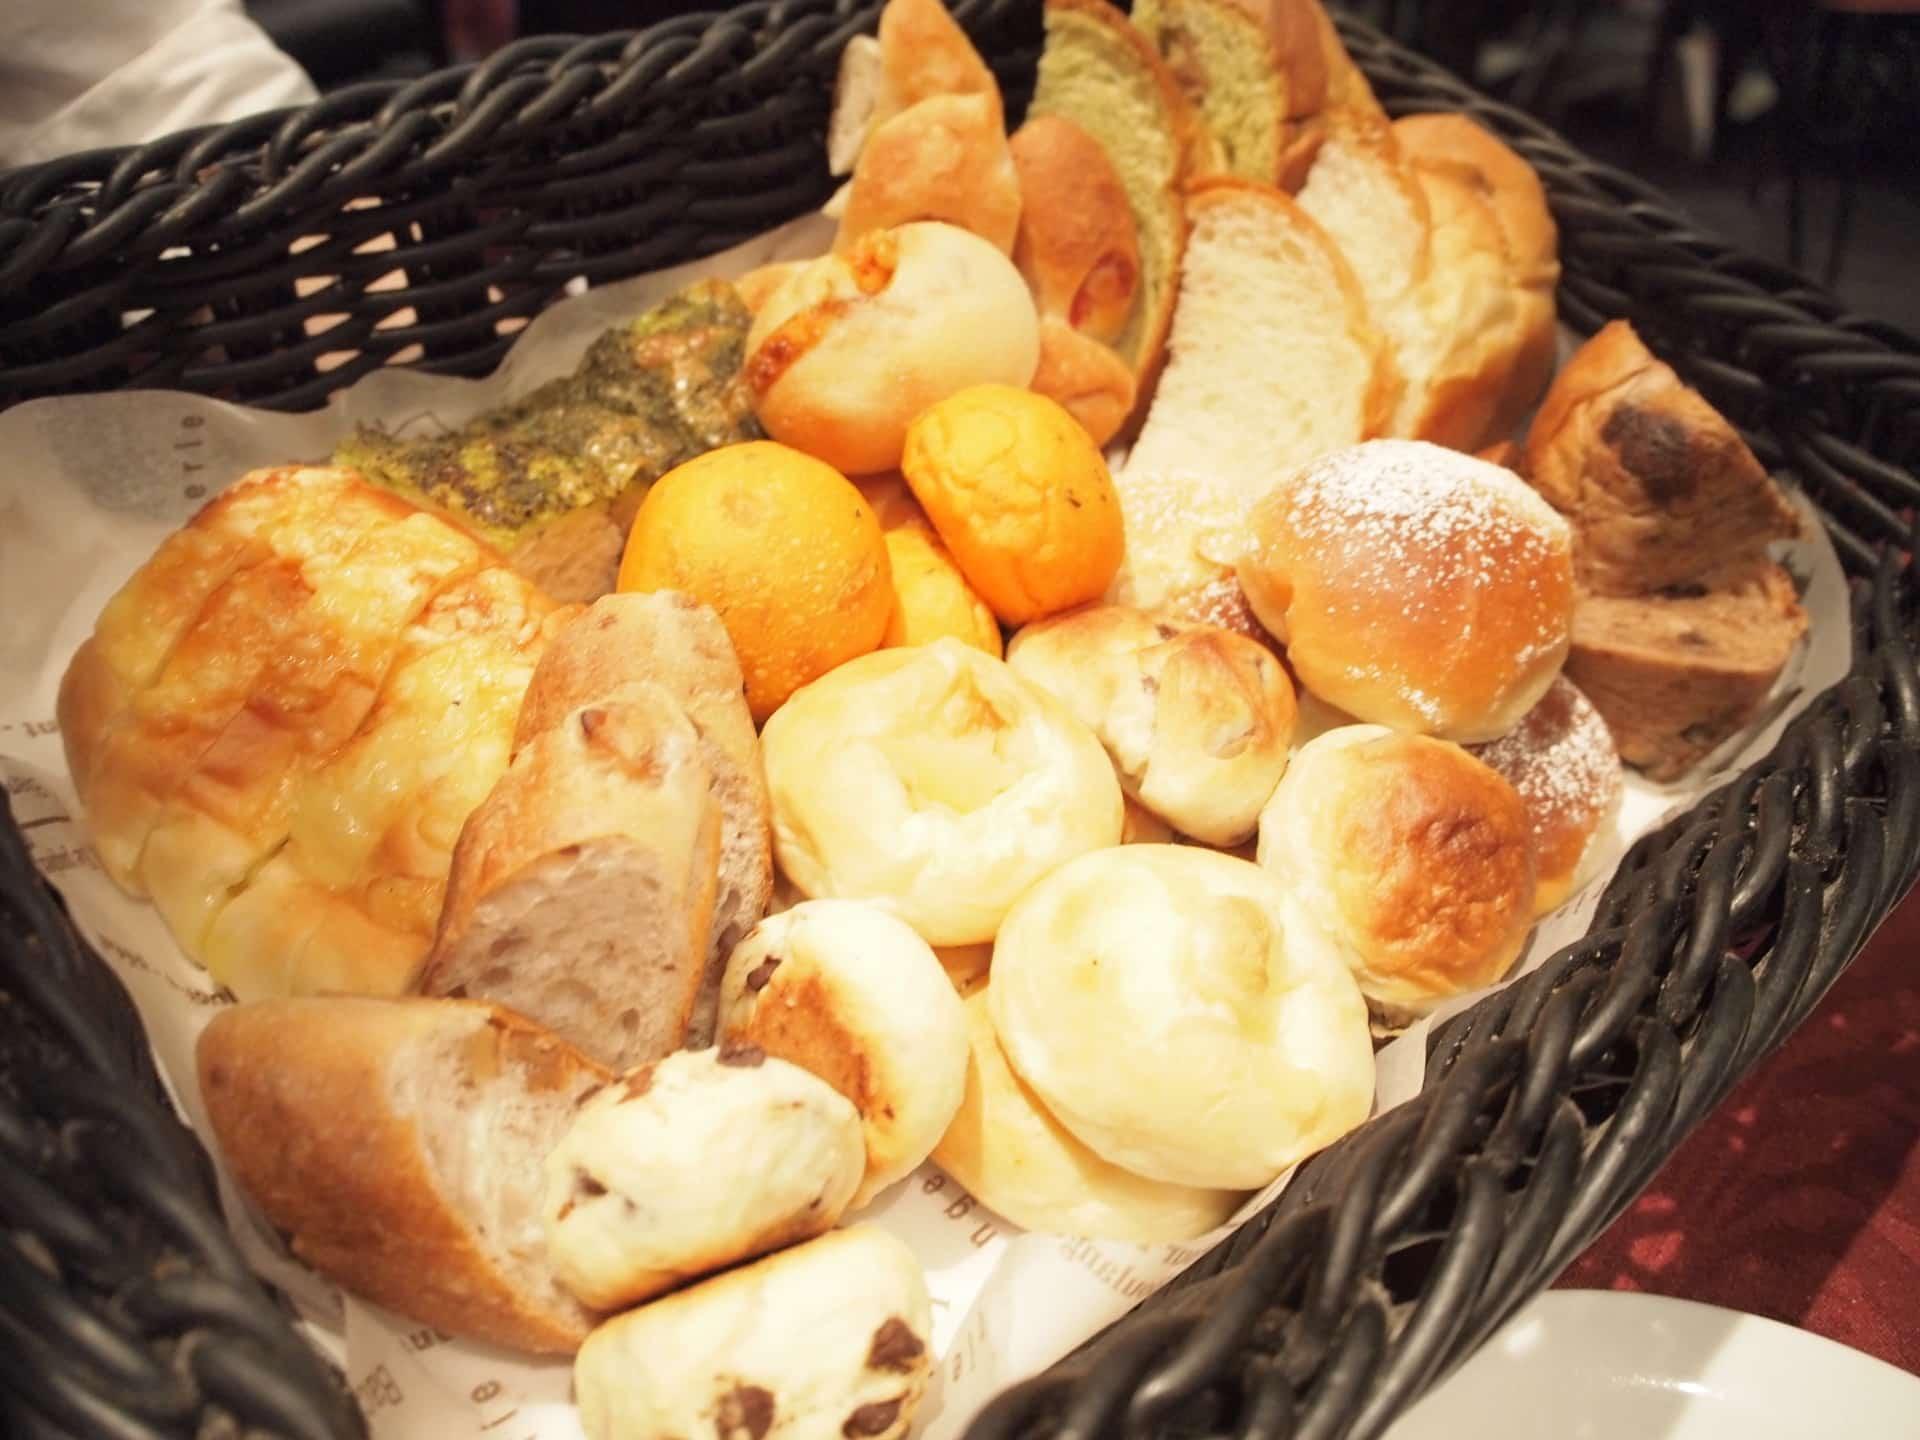 ロビンソン − 三宮で焼きたてのパン食べ放題ランチ。高級感があるのに安い!